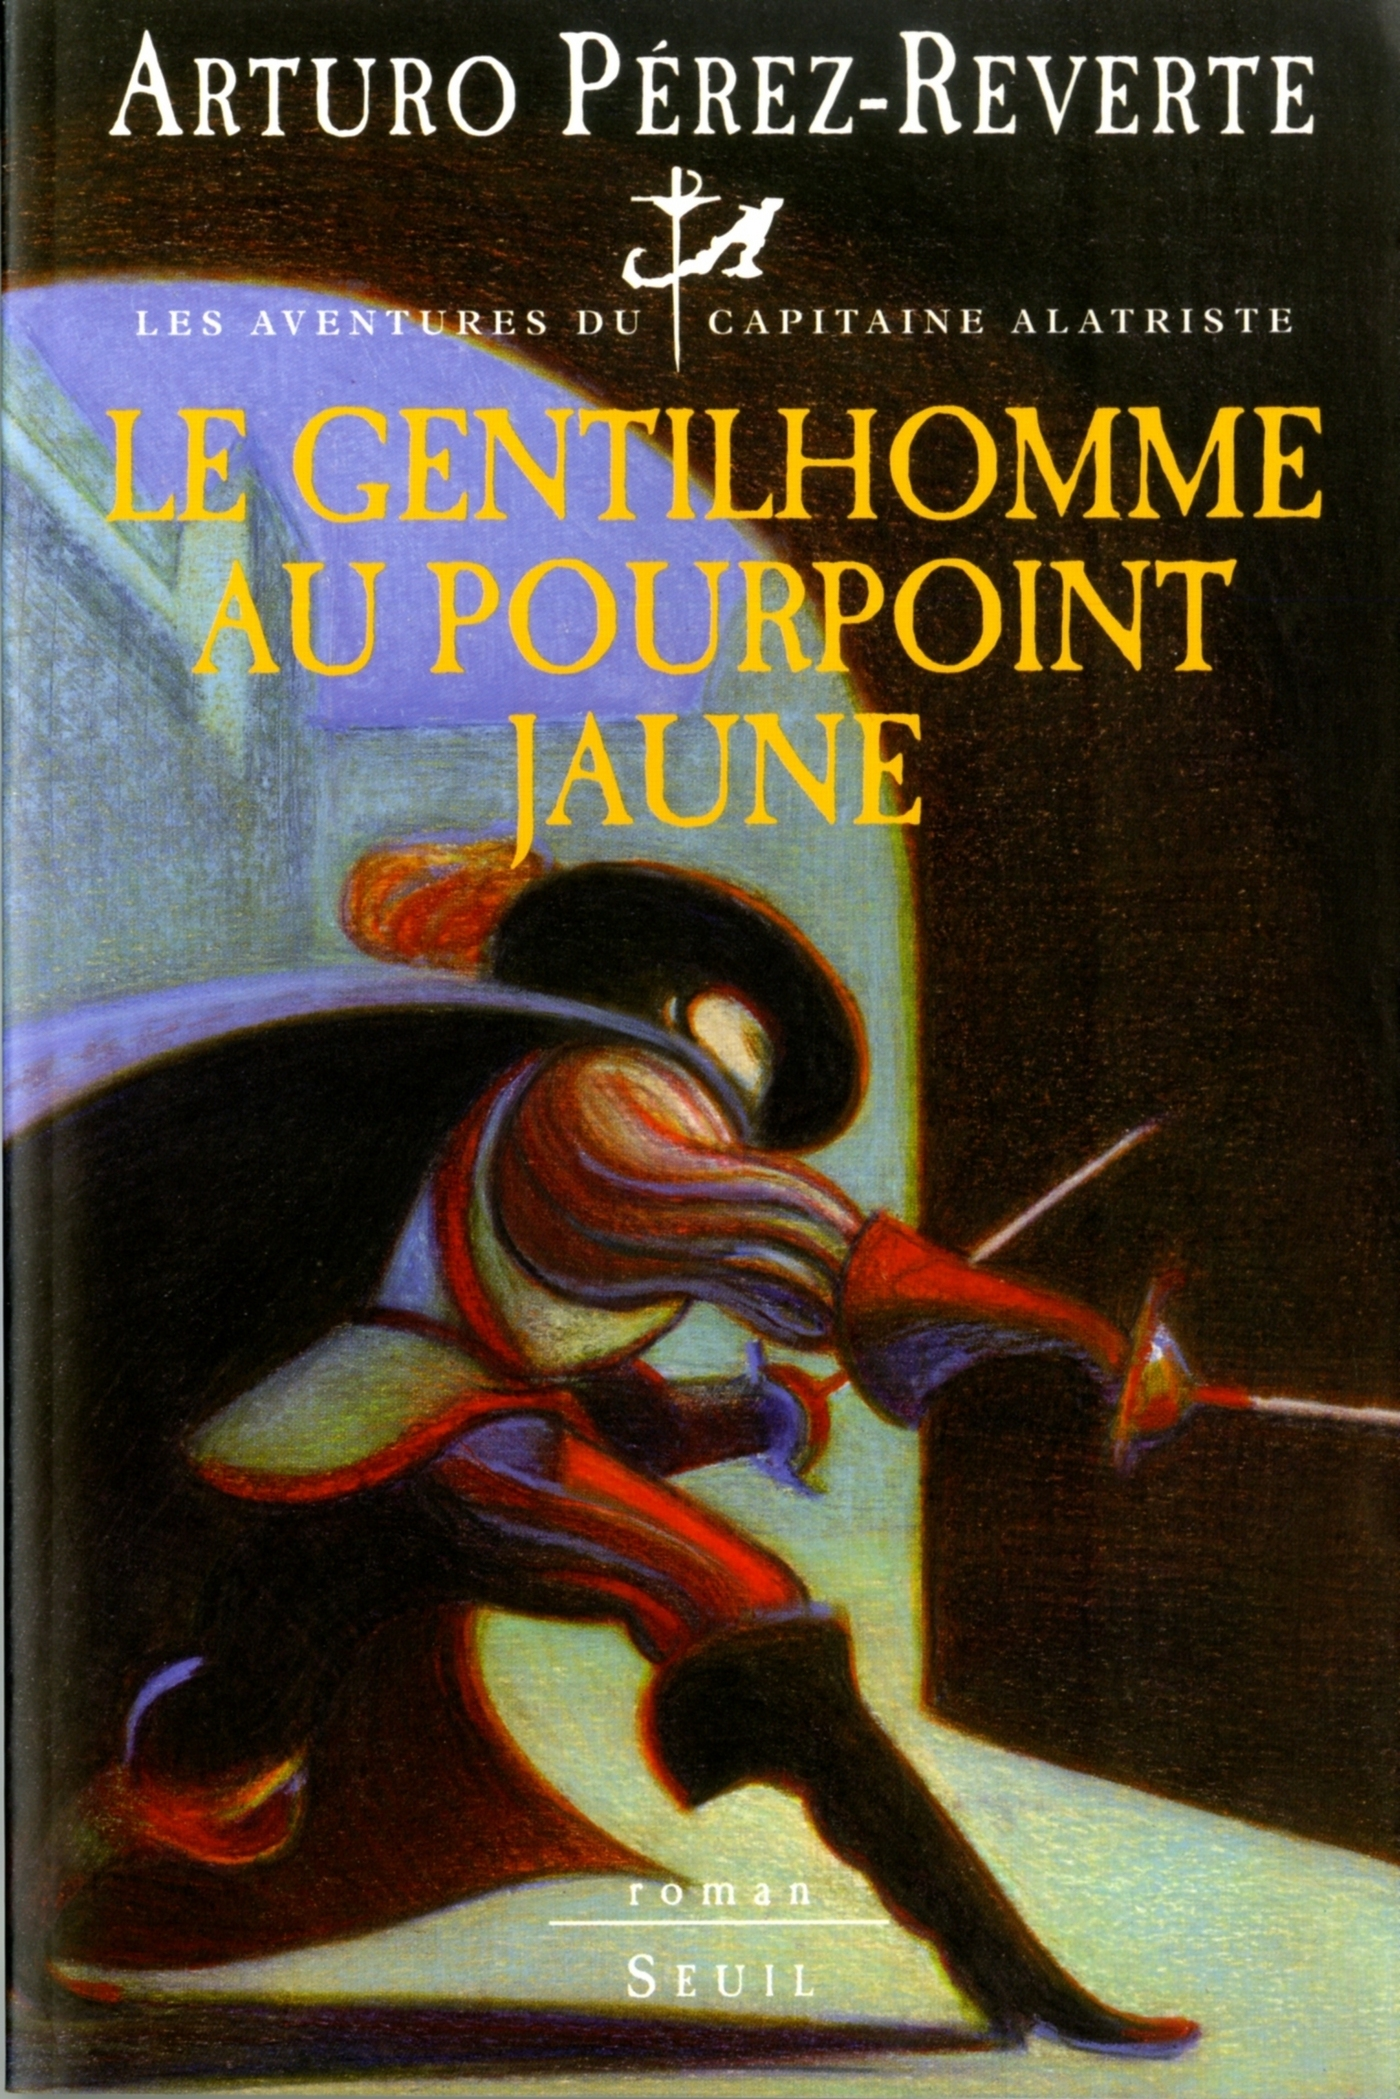 Les Aventures du Capitaine Alatriste - tome 5 Le Gentilhomme au pourpoint jaune | Pérez-Reverte, Arturo